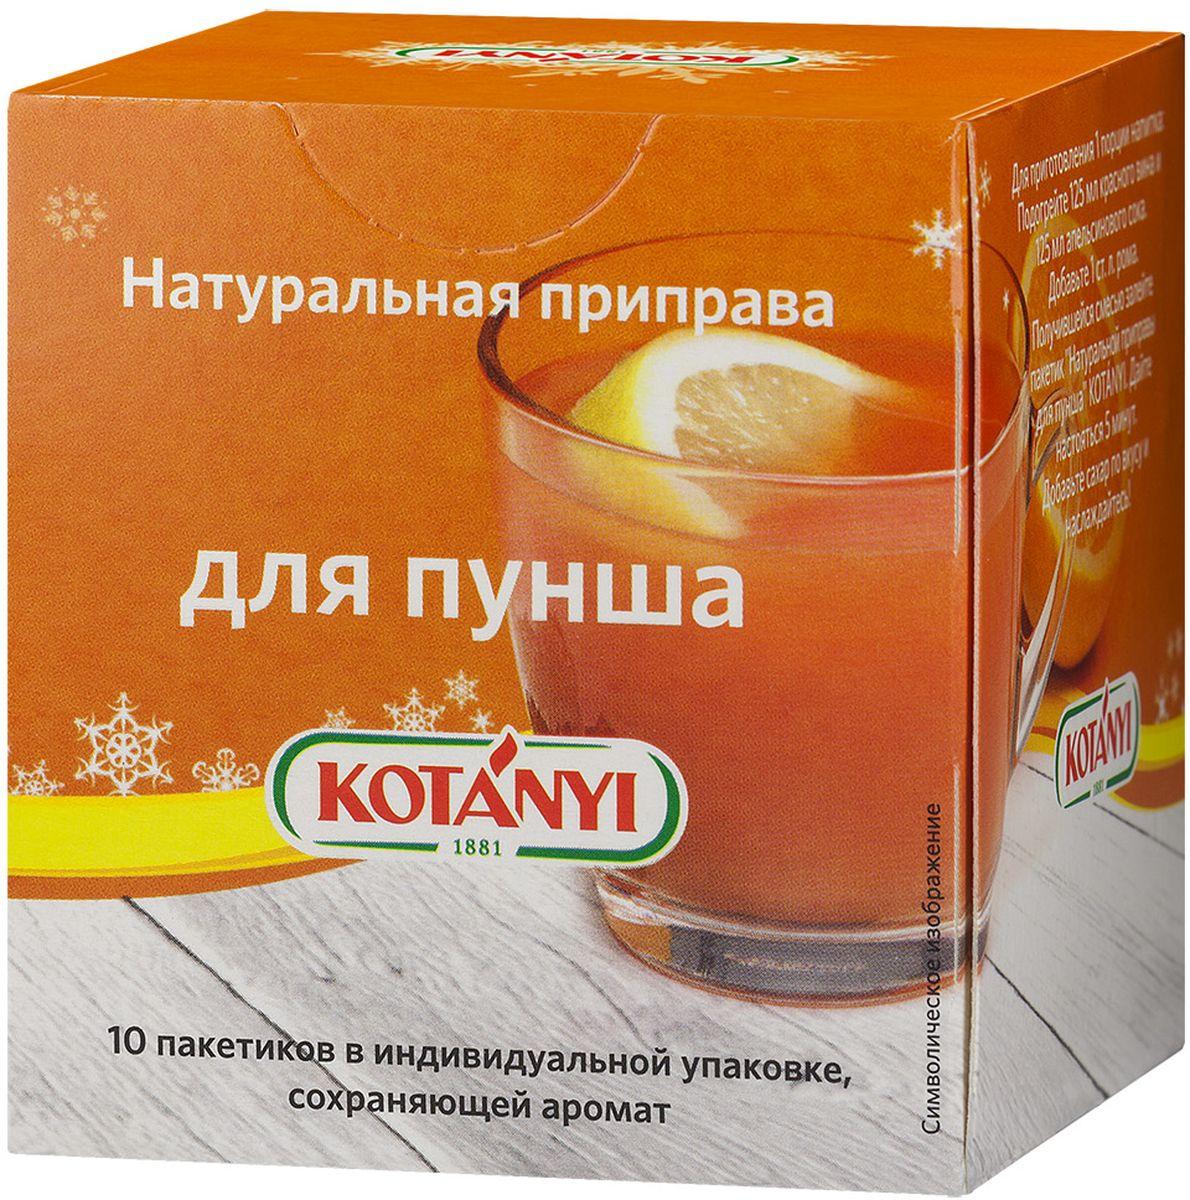 Kotanyi натуральная приправа для пунша, 10 пакетиков по 1,5 г dr oetker пудинг с натуральной ванилью 35 г